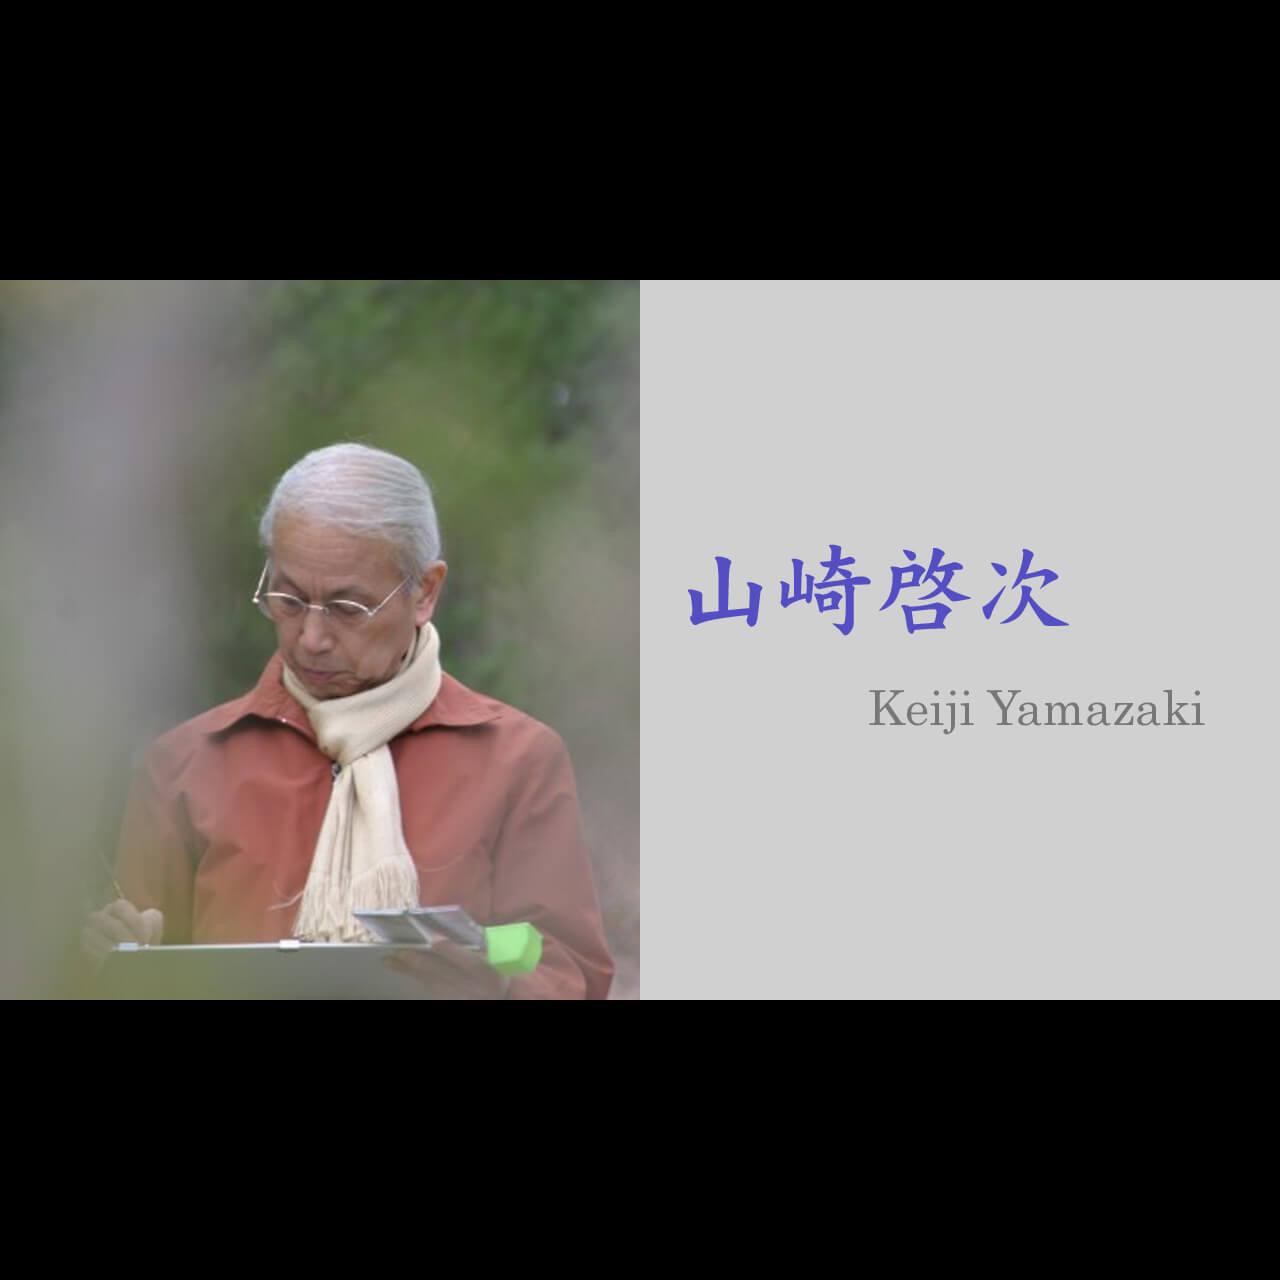 日本画家紹介 アイキャッチ